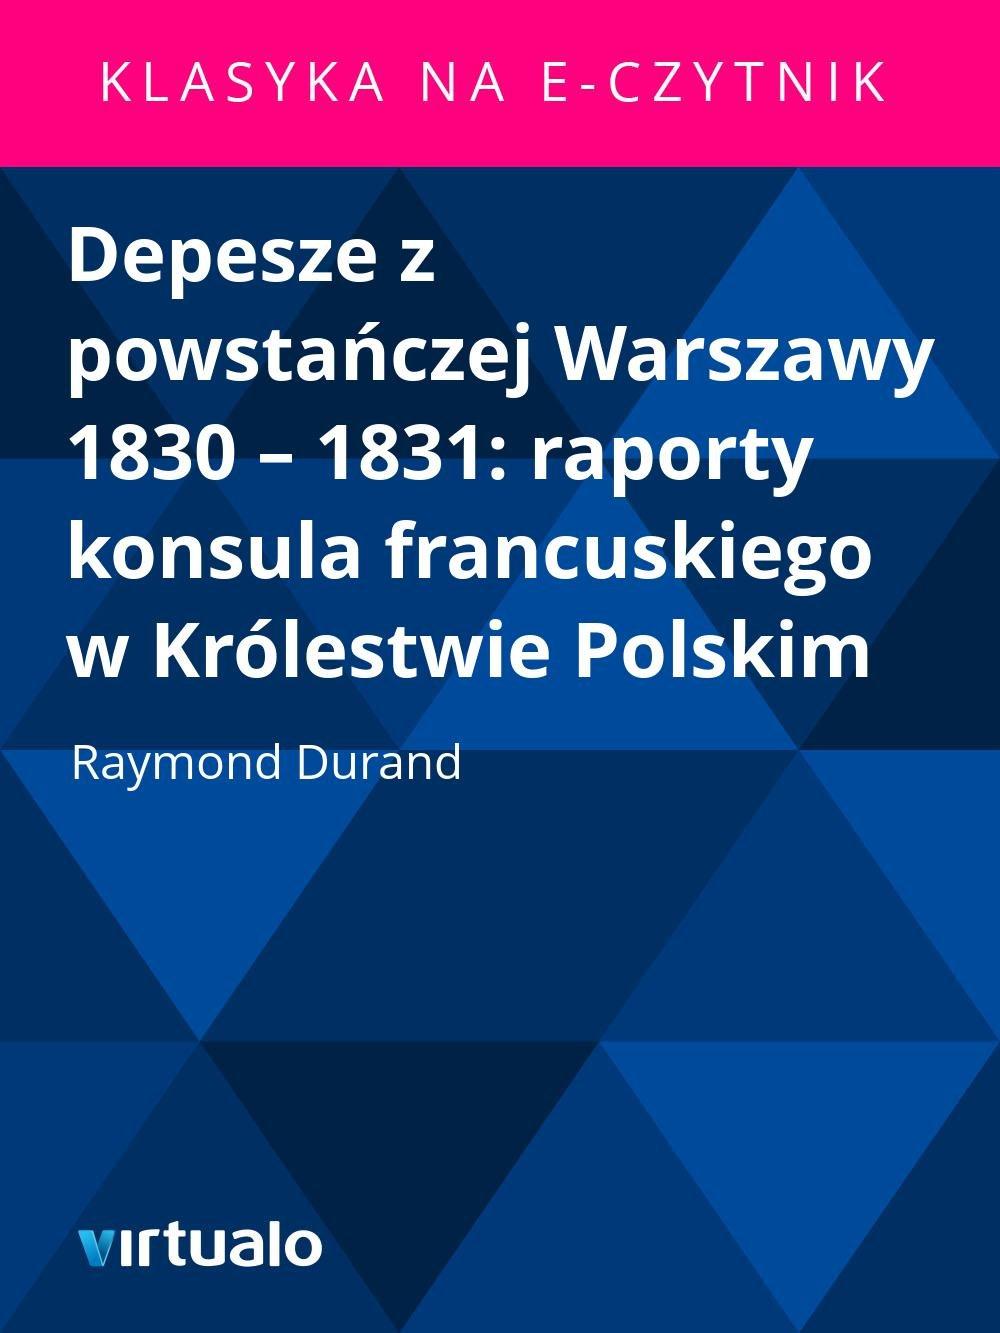 Depesze z powstańczej Warszawy 1830 – 1831: raporty konsula francuskiego w Królestwie Polskim - Ebook (Książka EPUB) do pobrania w formacie EPUB